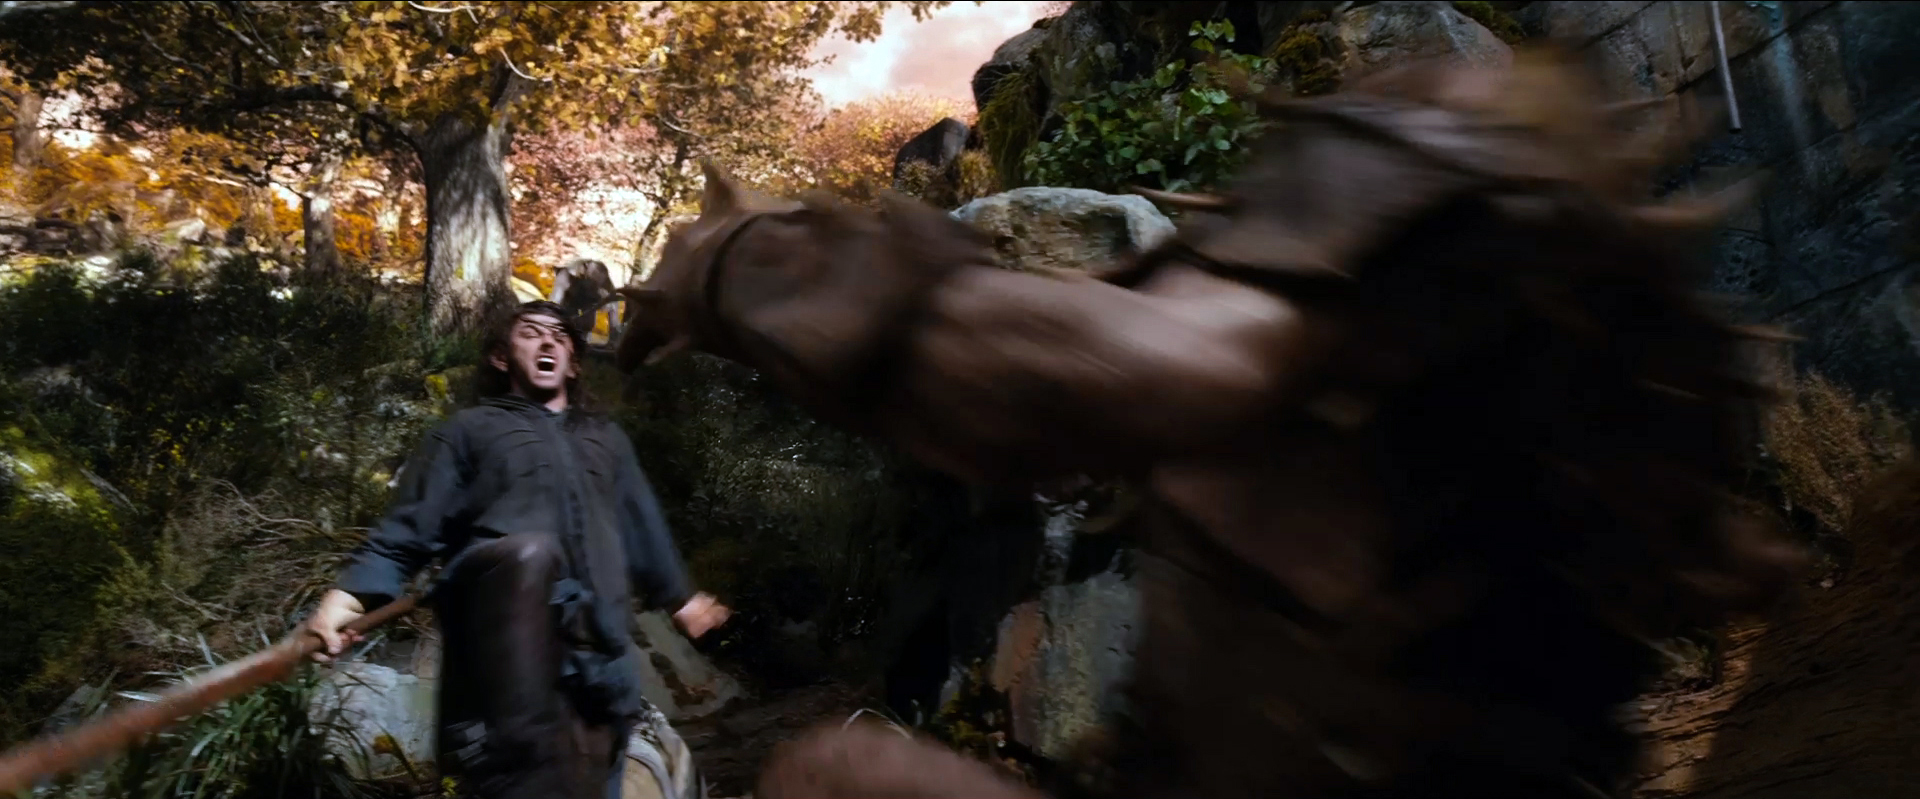 Le Hobbit  La Désolation de Smaug  Wikipédia